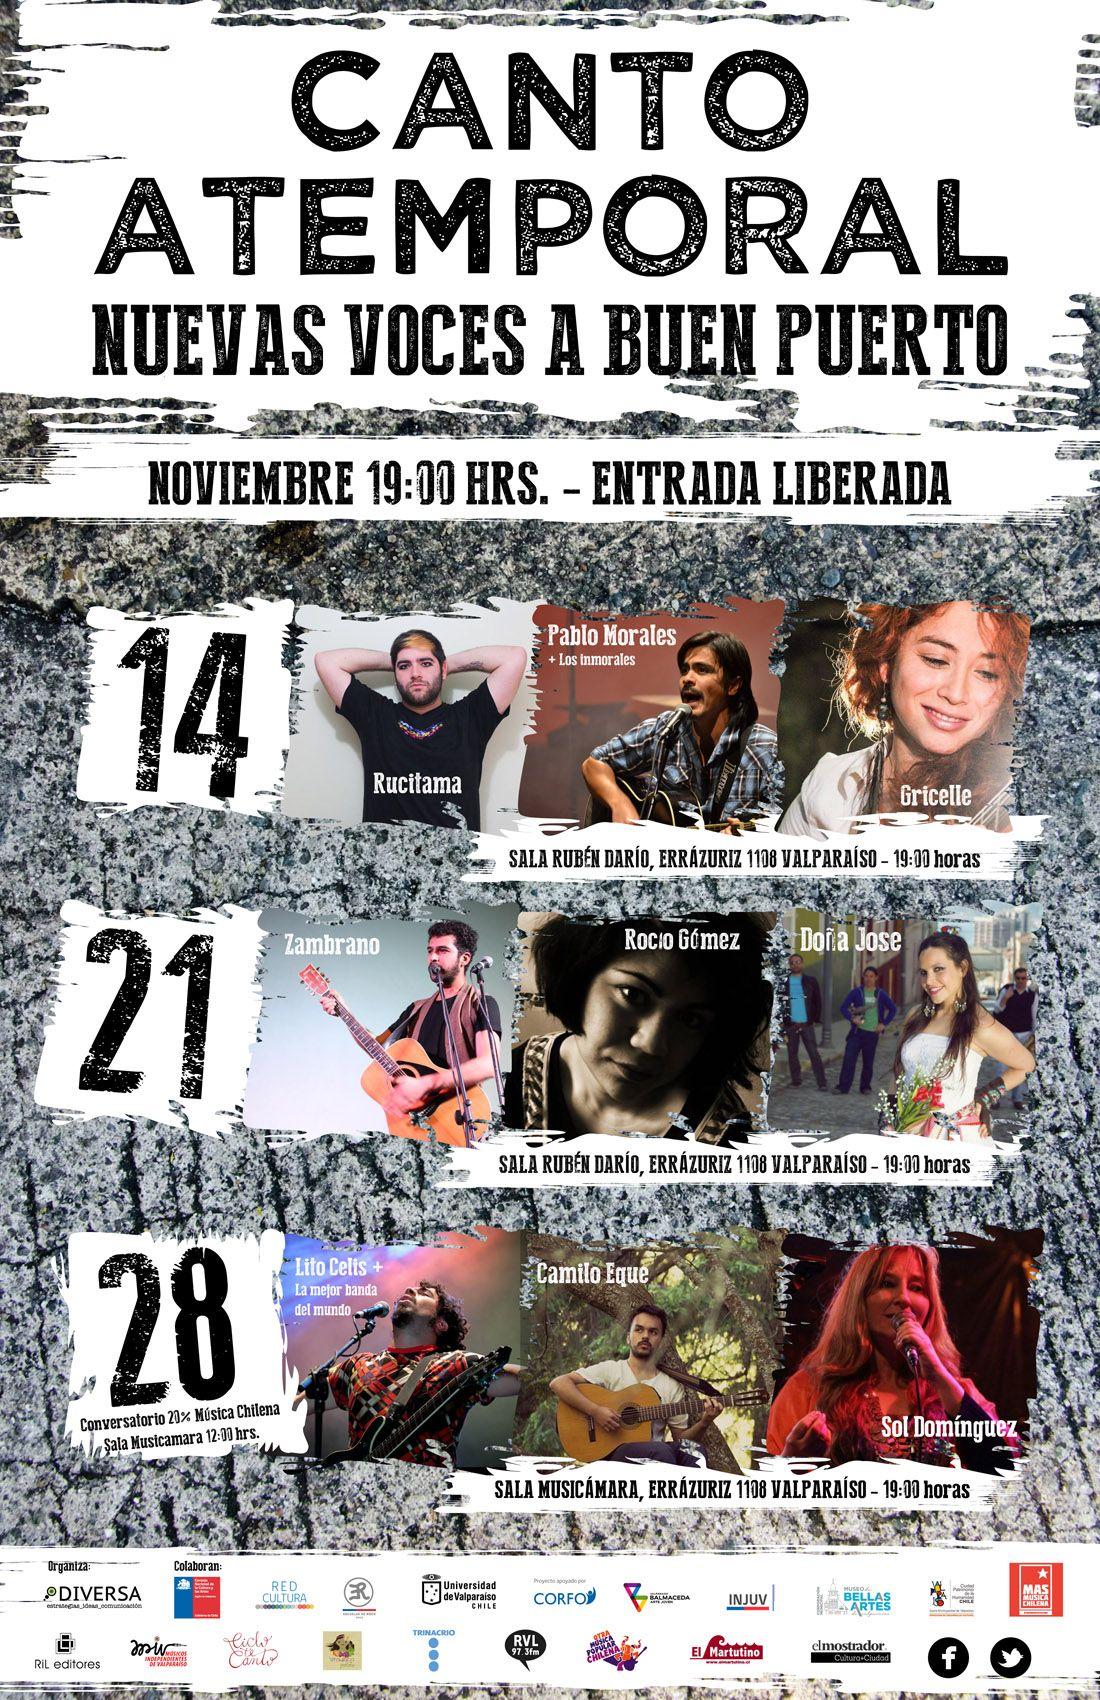 Se viene la segunda jornada de Canto Atemporal en Valparaíso. Sala Rubén Darío UV